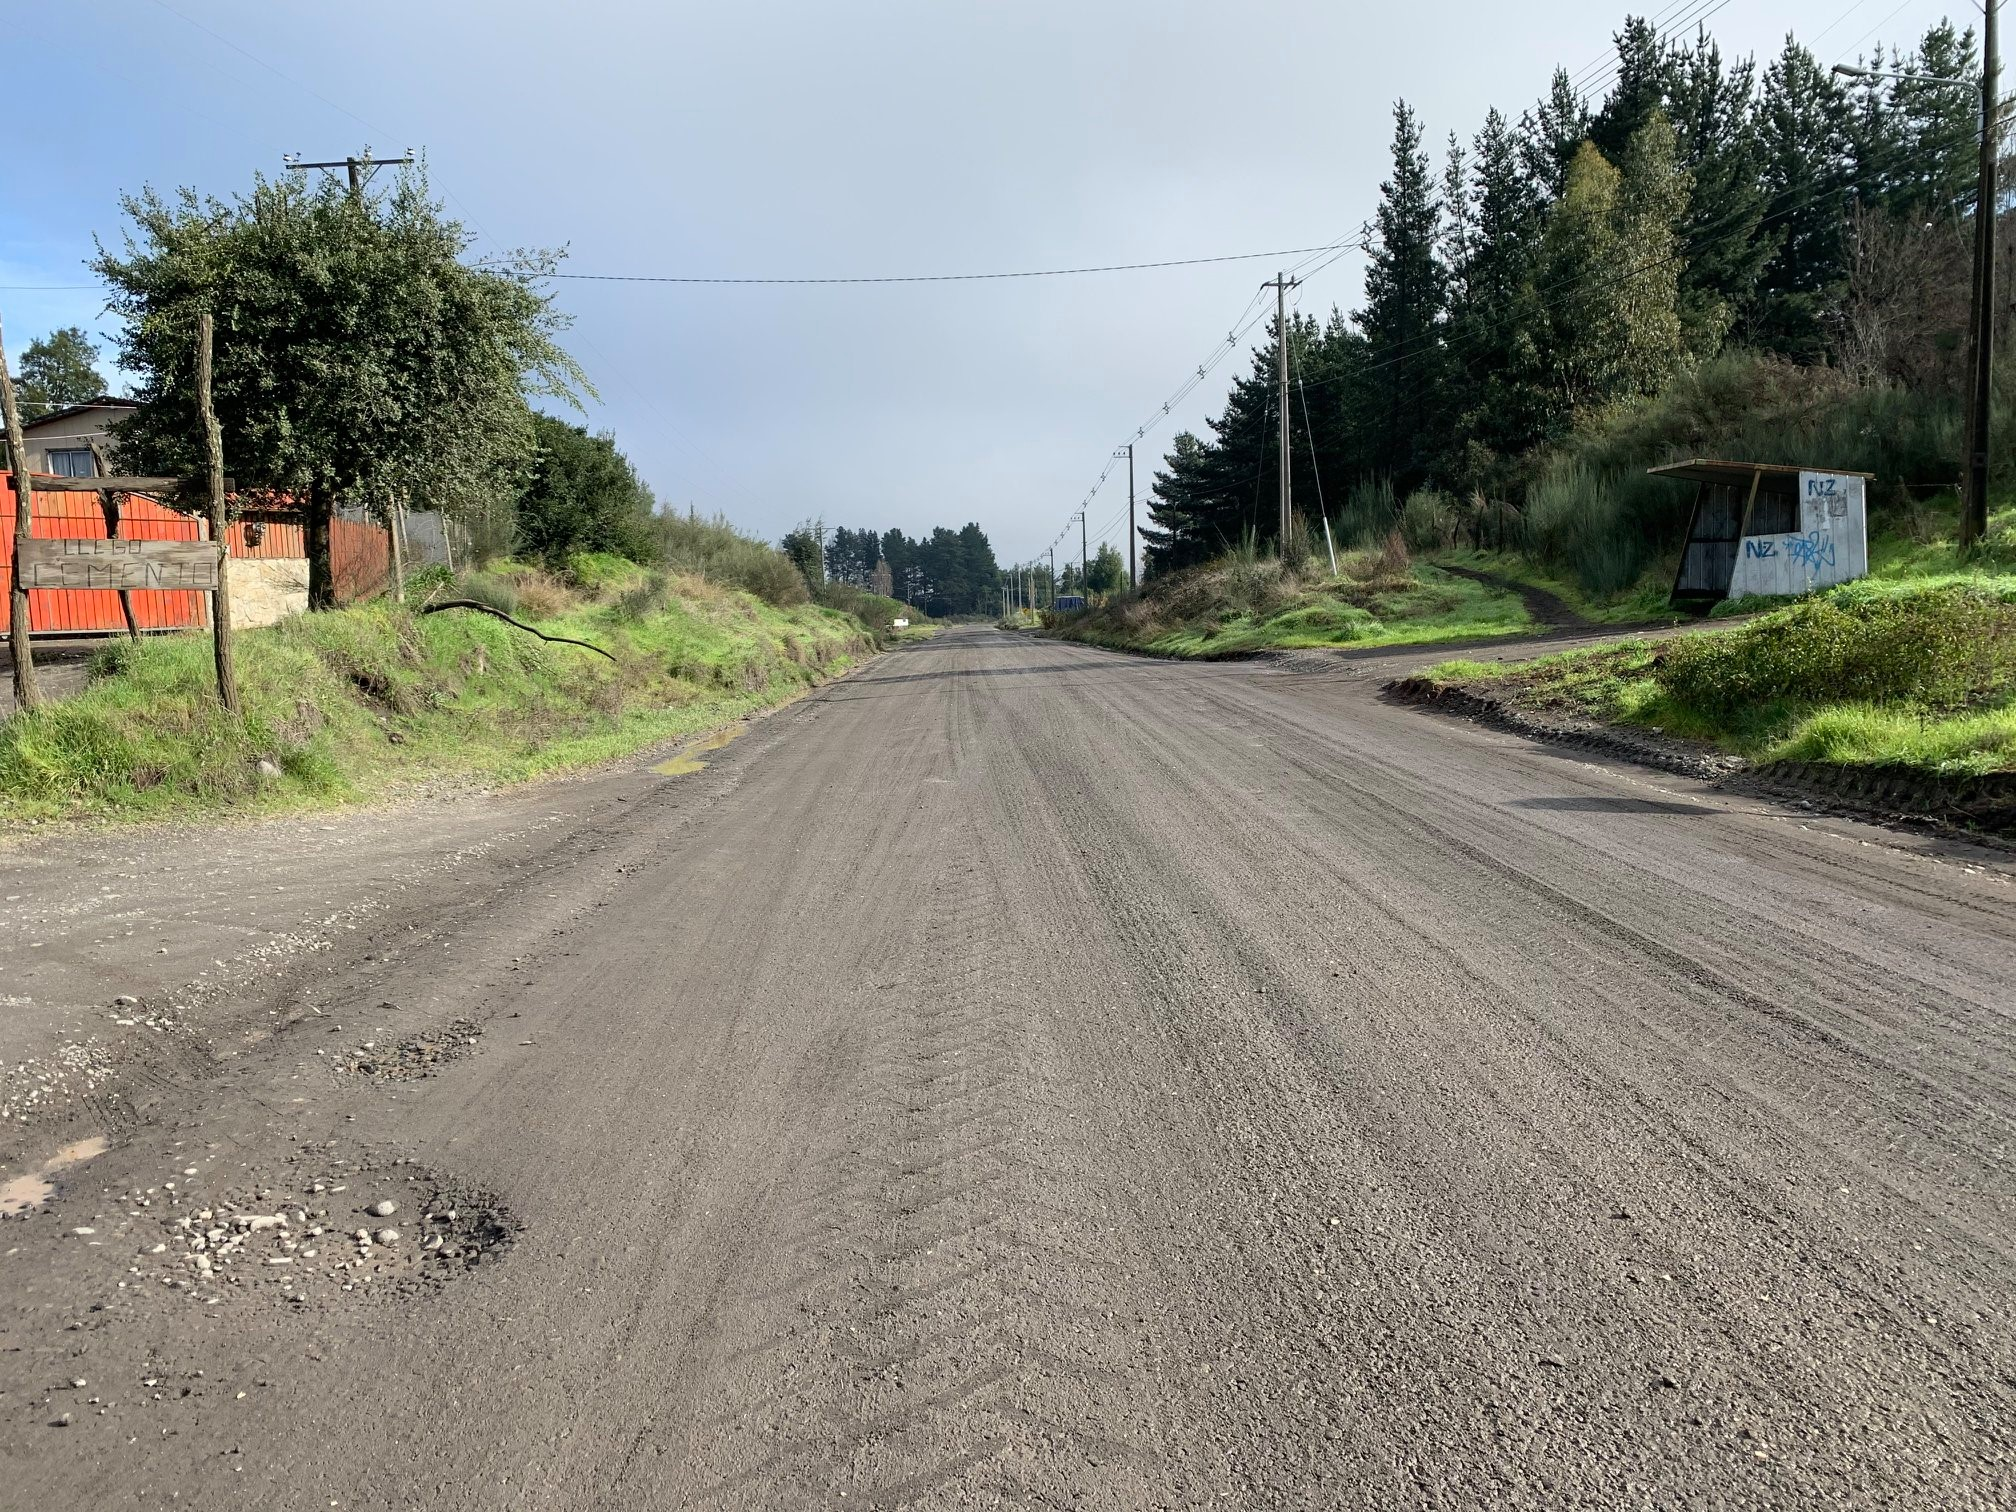 Alcalde valora aprobación para pavimentar 12 km de camino rurales en Los Ángeles